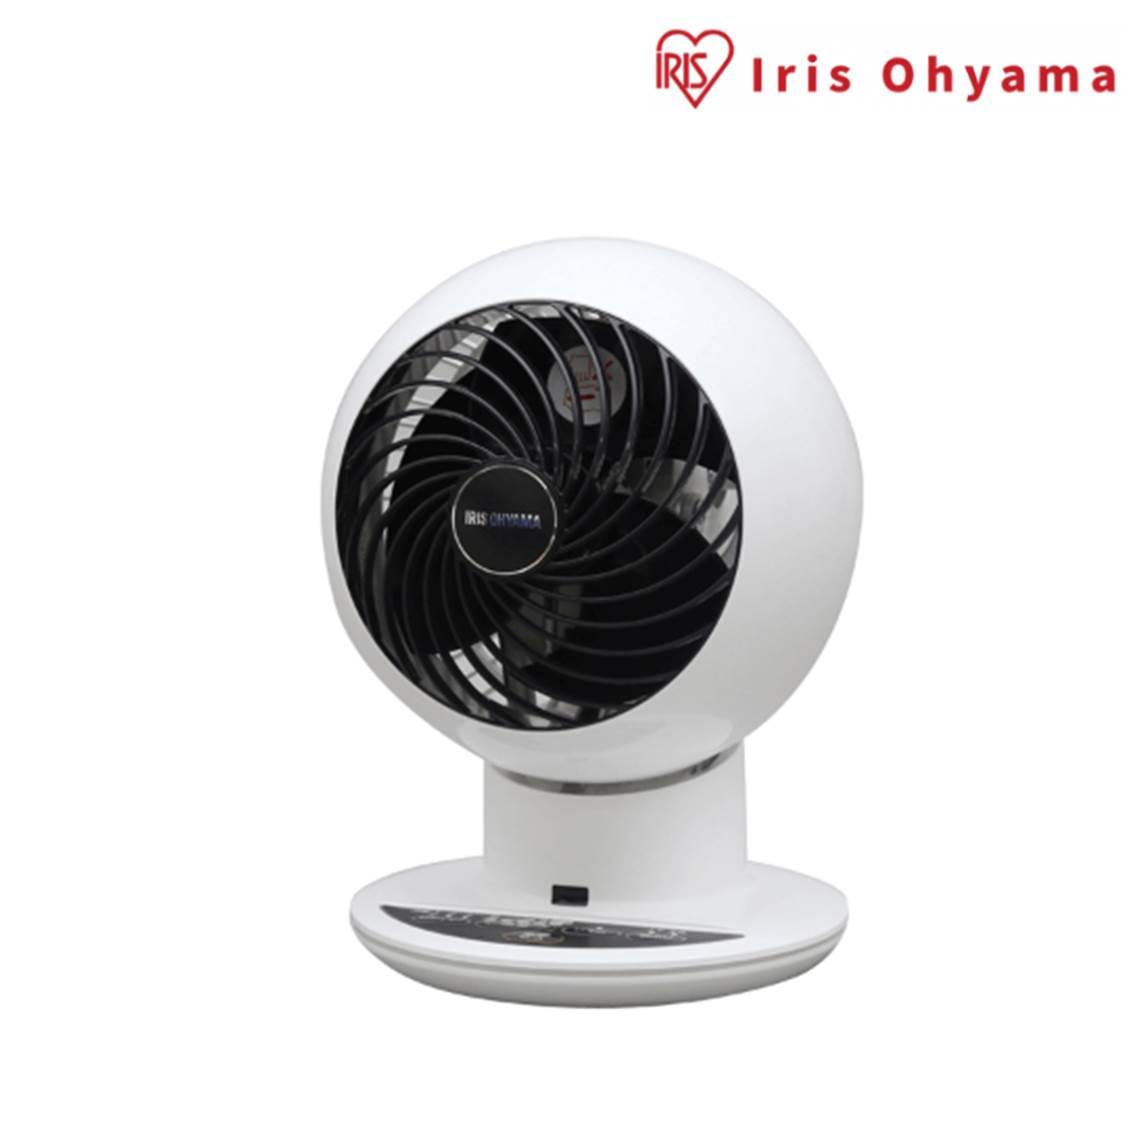 IRIS OHYAMAPCF-SC15T 超強全方位靜音 循環風扇  香港行貨